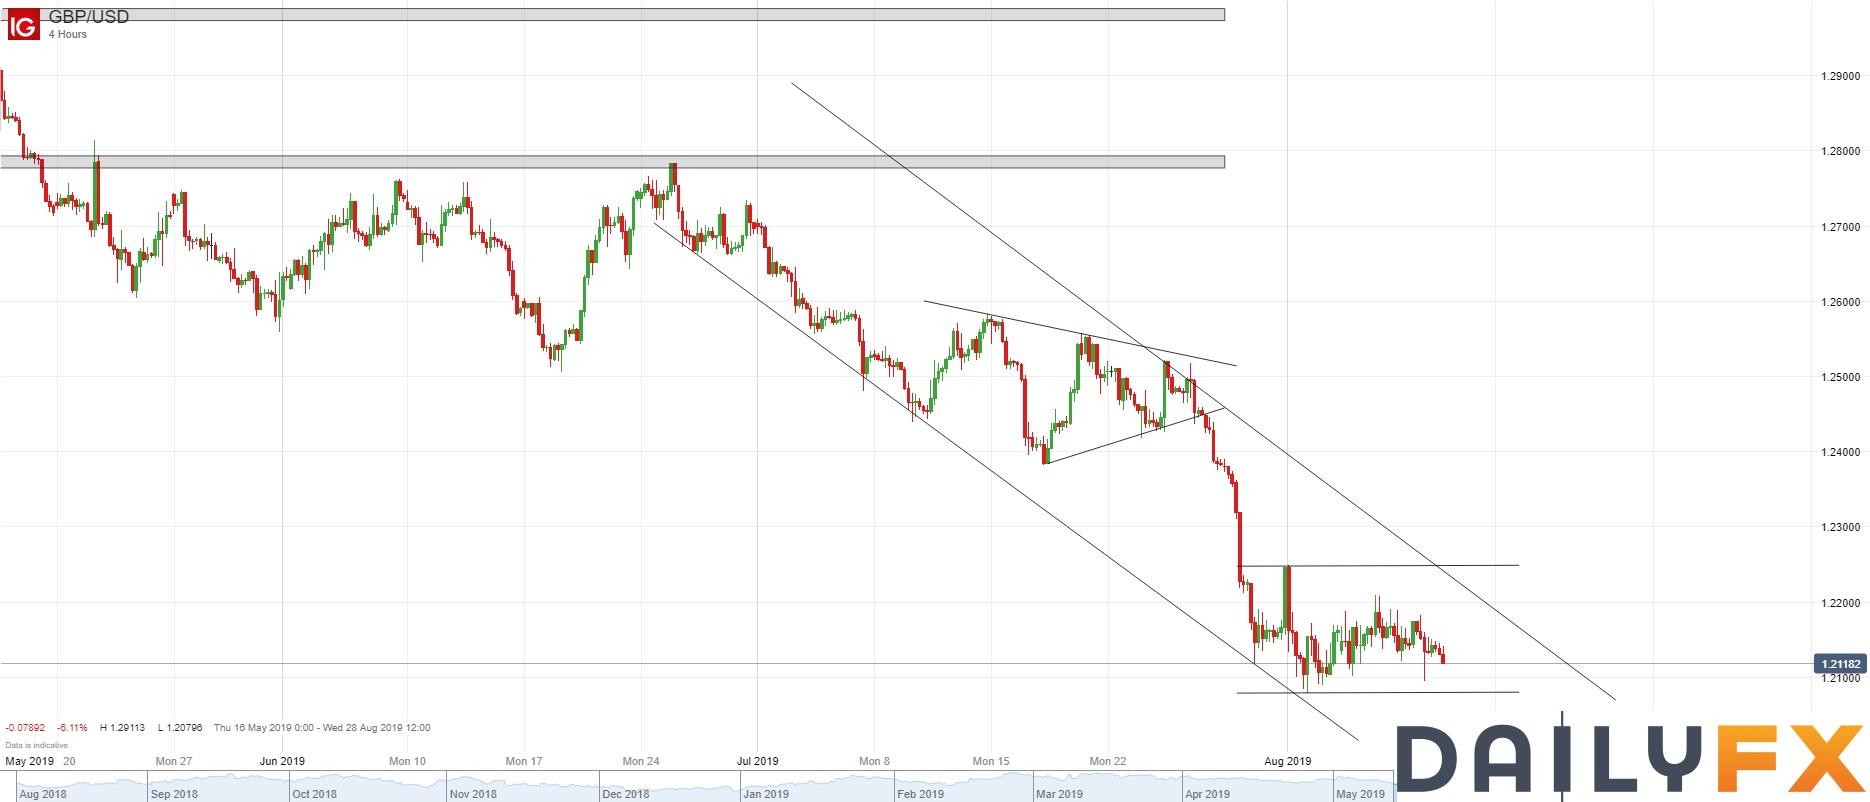 英镑/美元技术分析:4小时图还在整理区间内,日图继续看跌